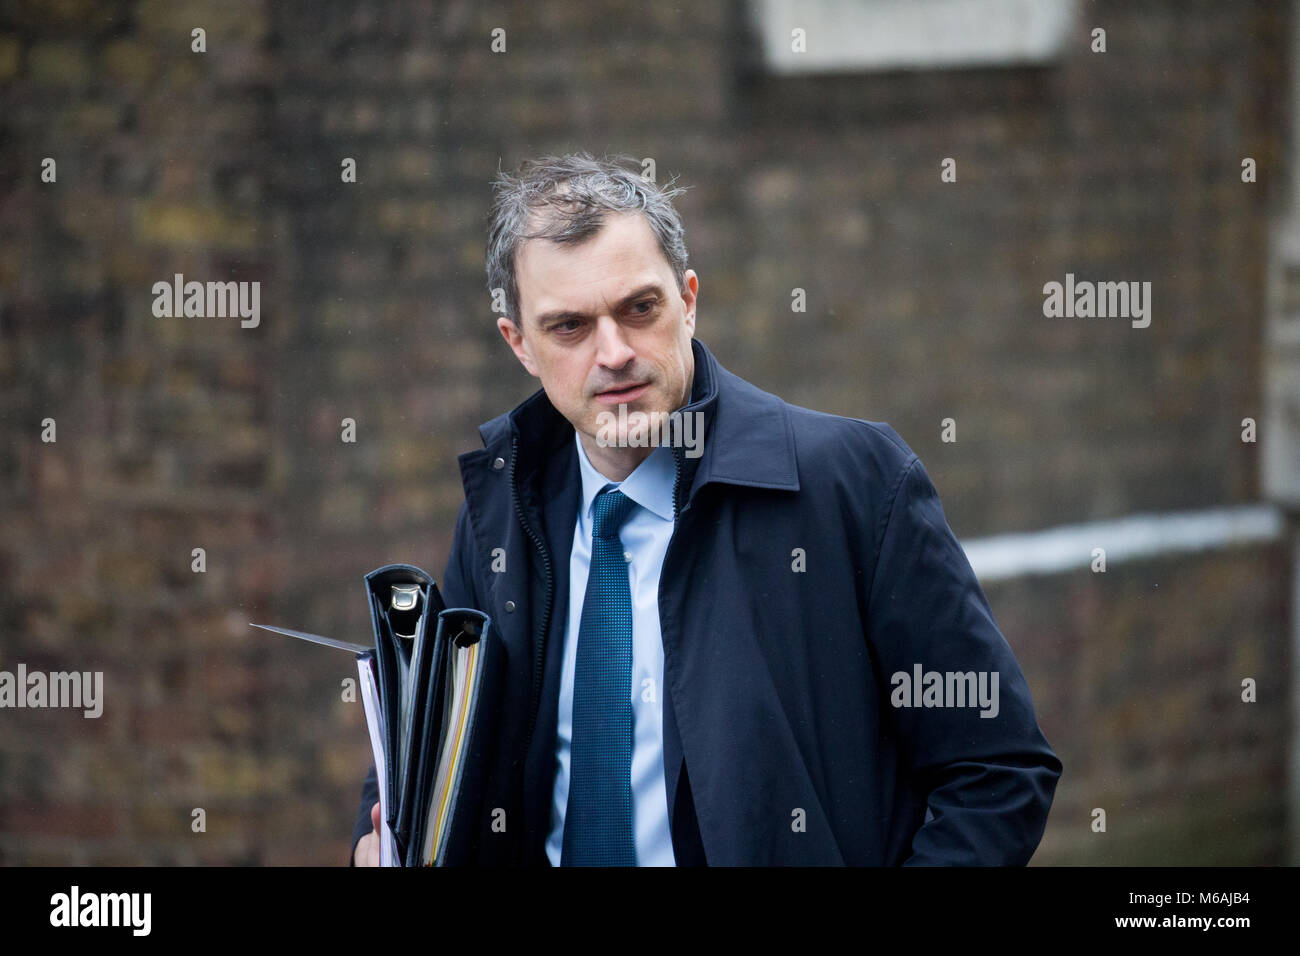 El Honorable Julian Smith MP, Secretario Parlamentario del Tesoro, también conocido como el jefe de la bancada, Imagen De Stock